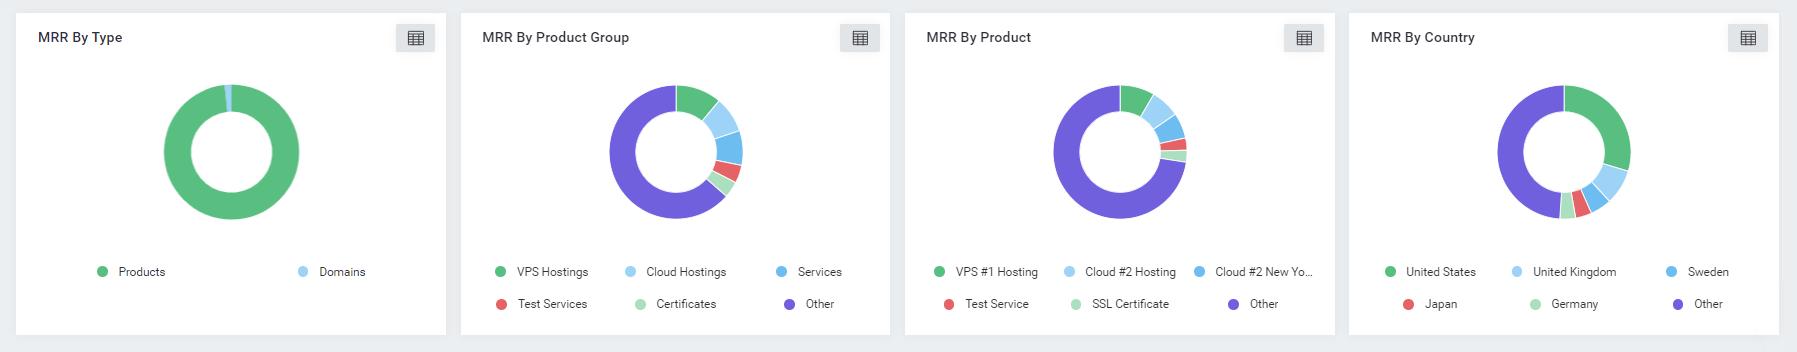 MRR Categories - MetricsCube MRR Breakdown for WHMCS